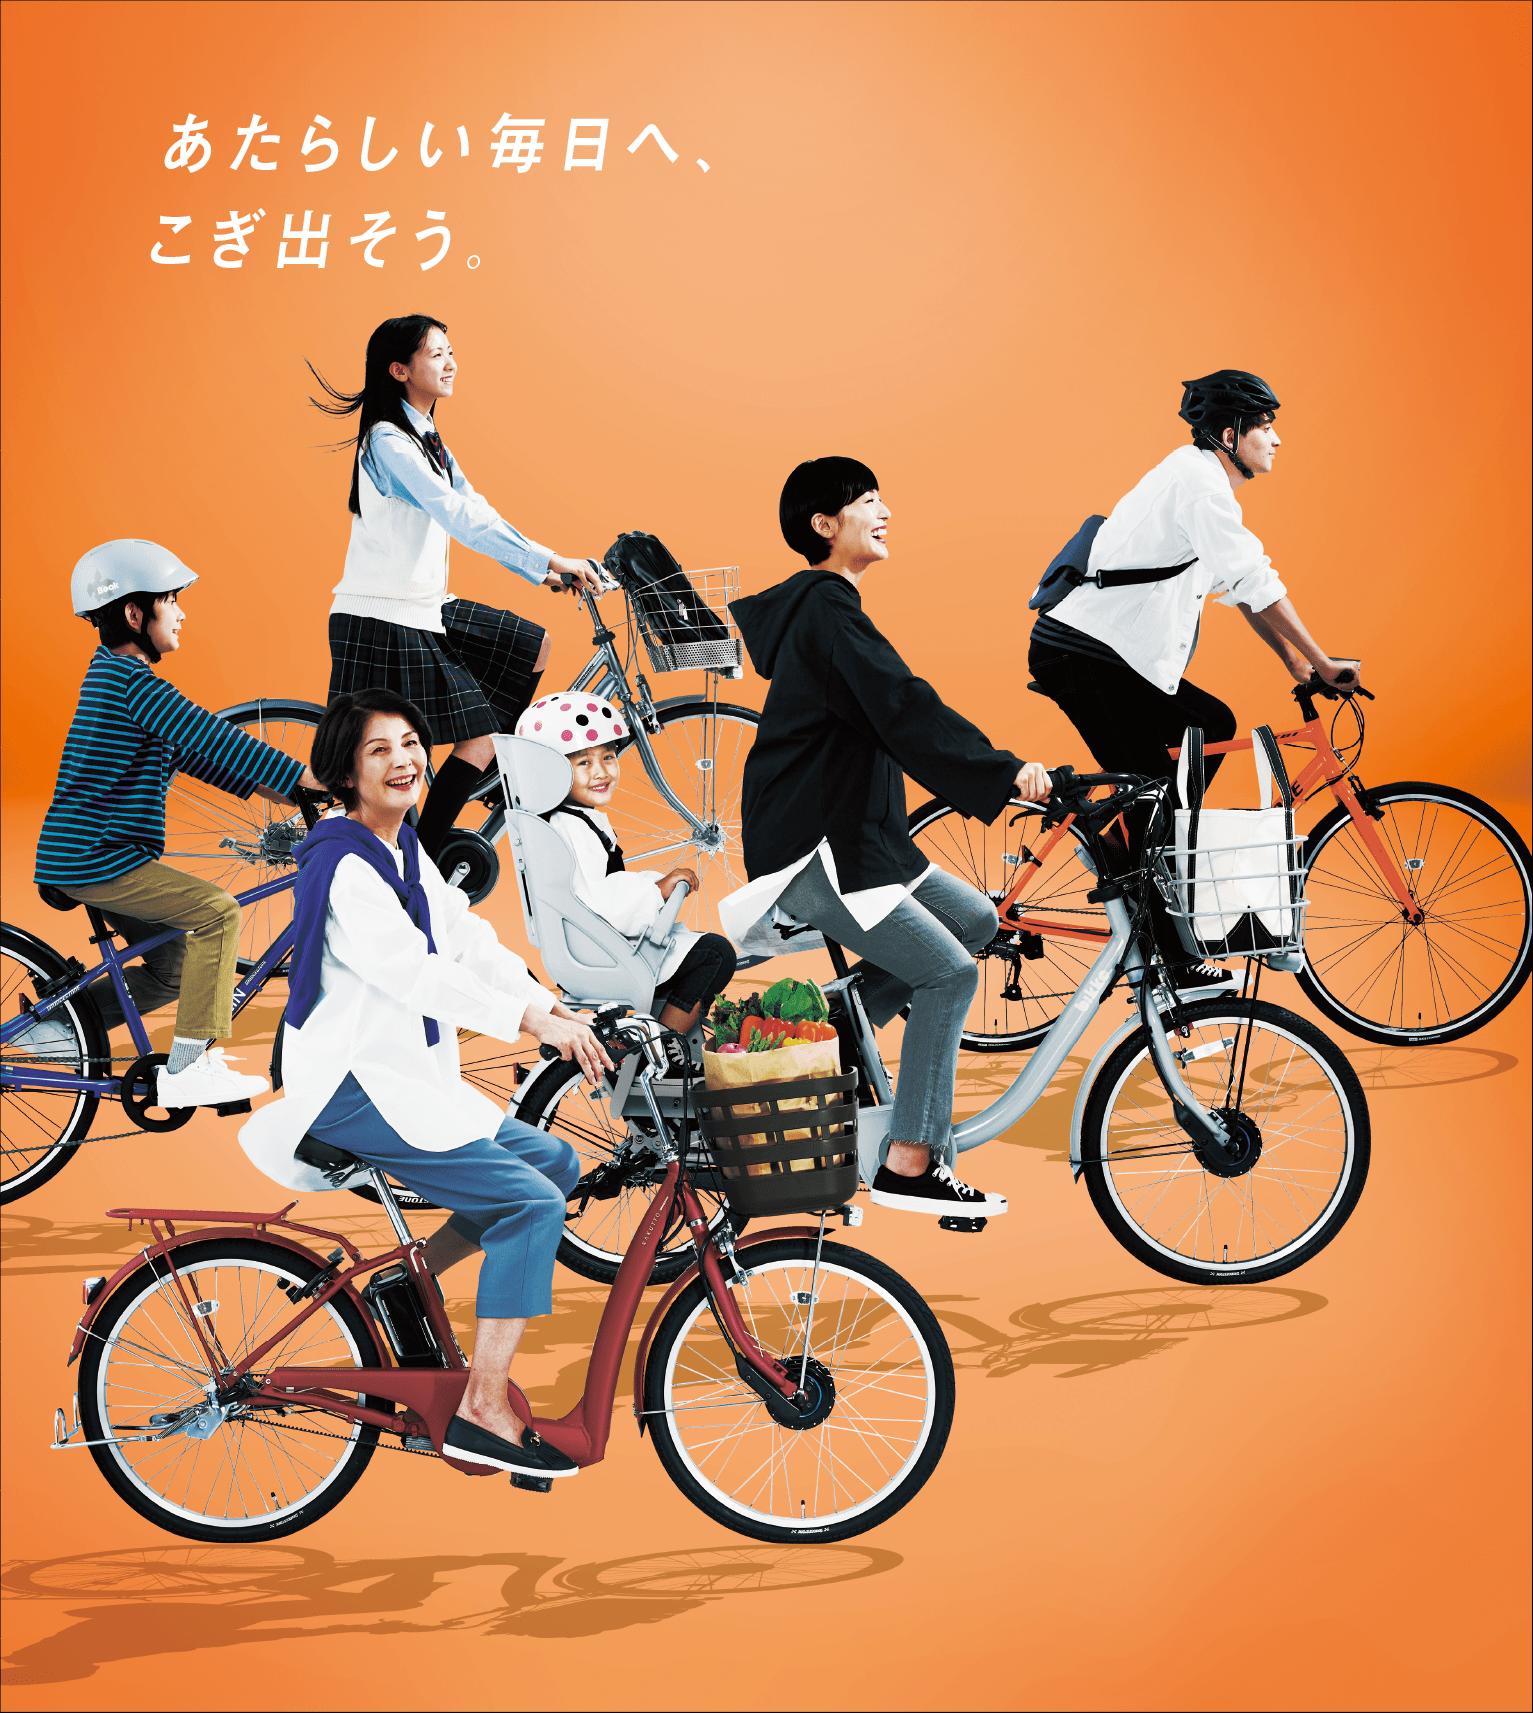 www.bscycle.co.jp